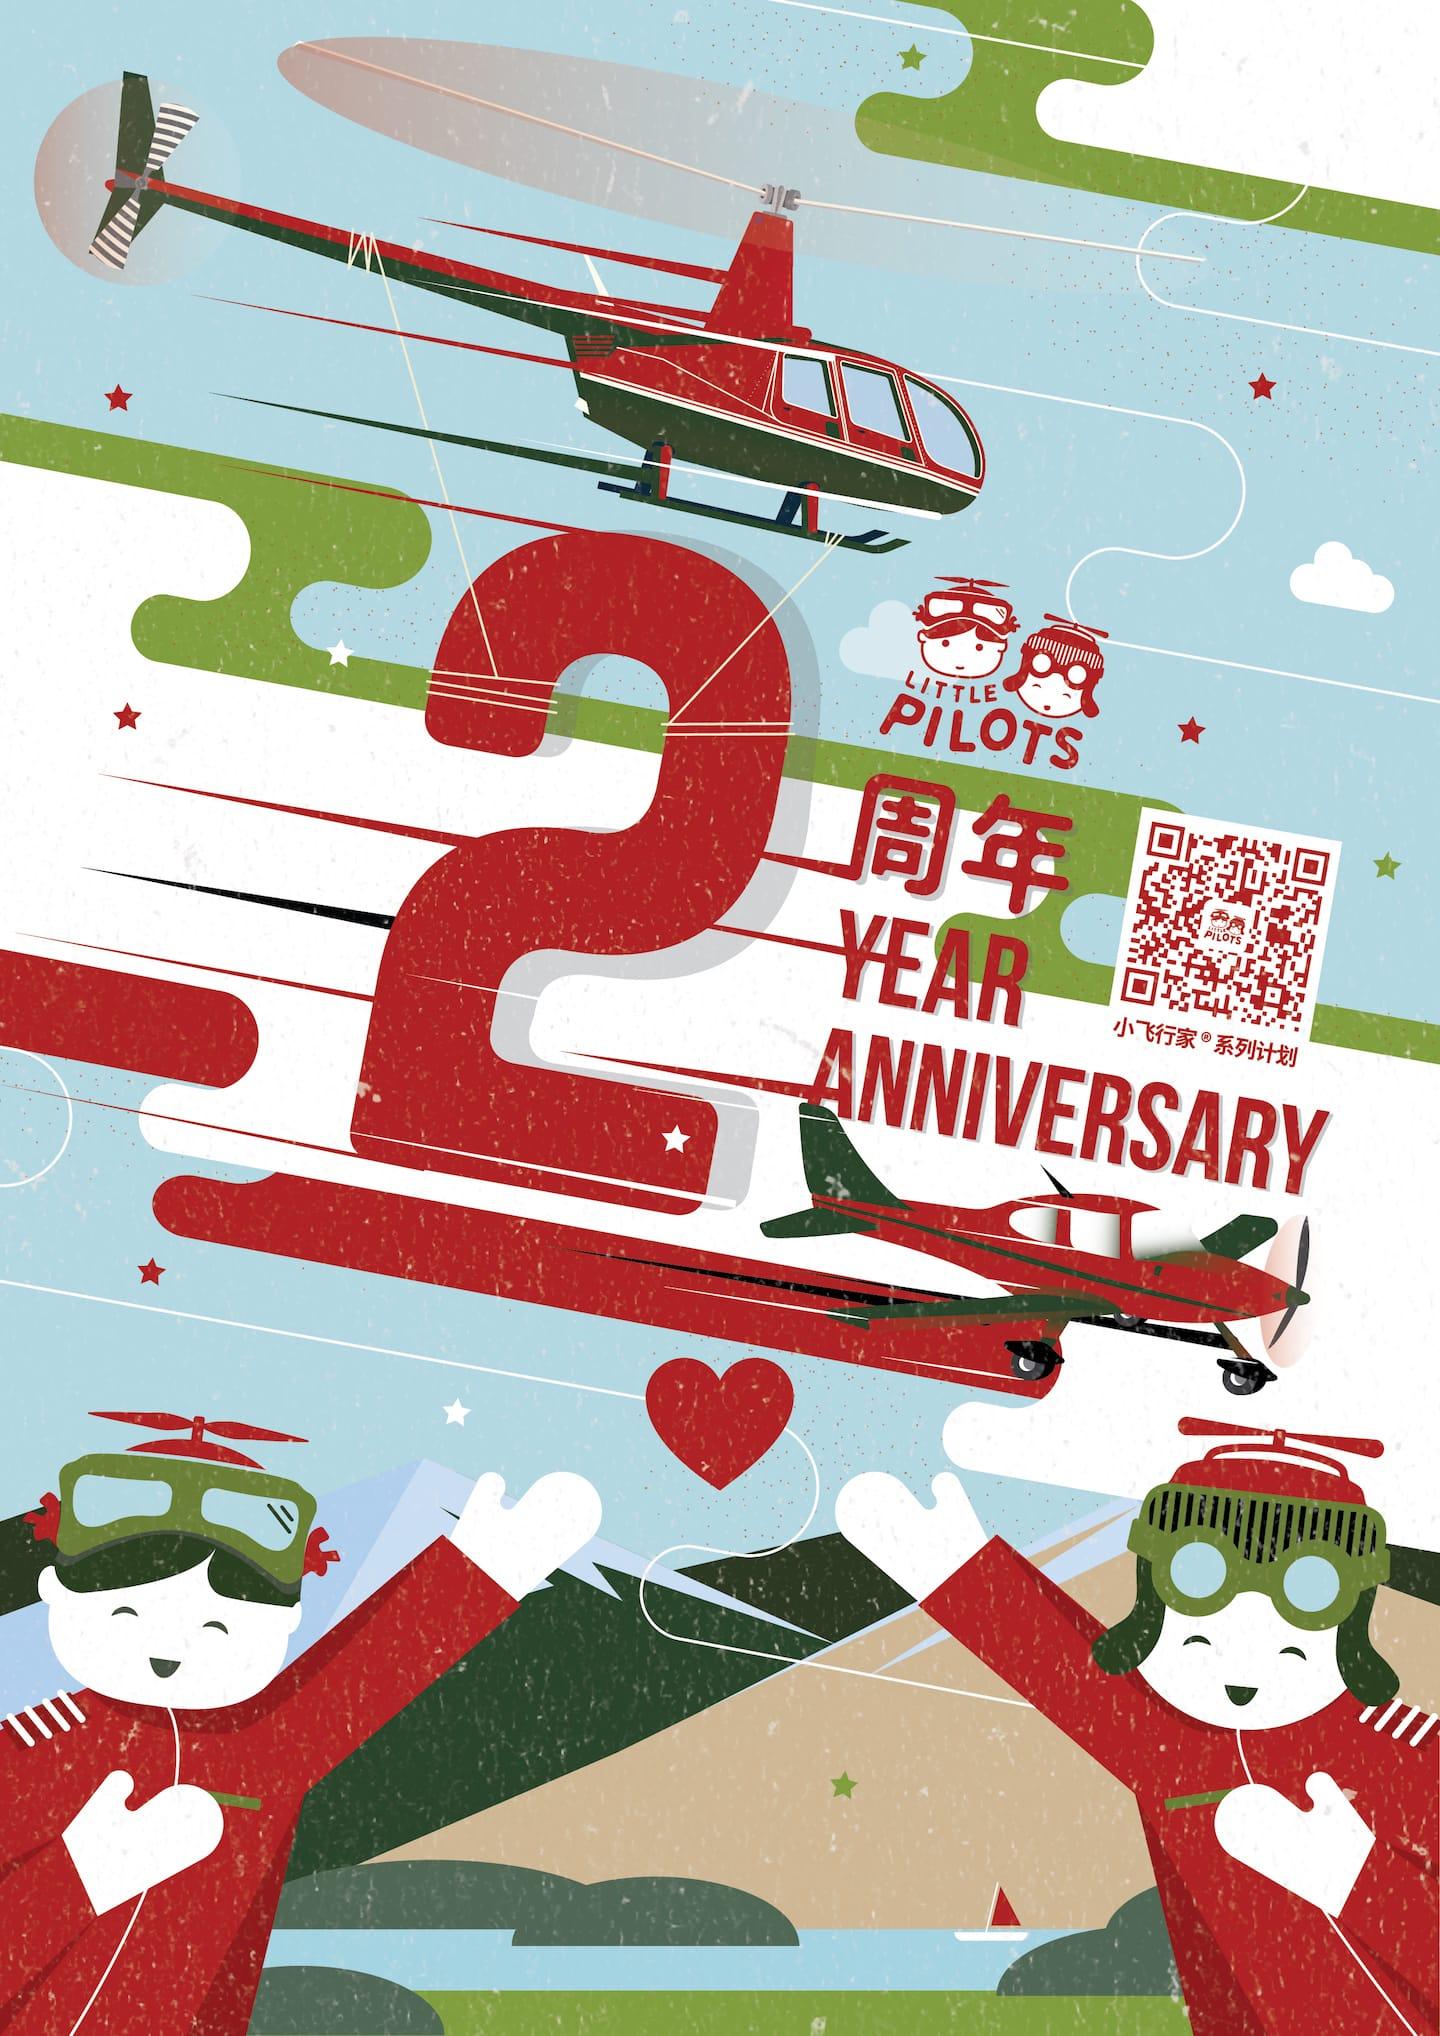 2 year anniversary poster